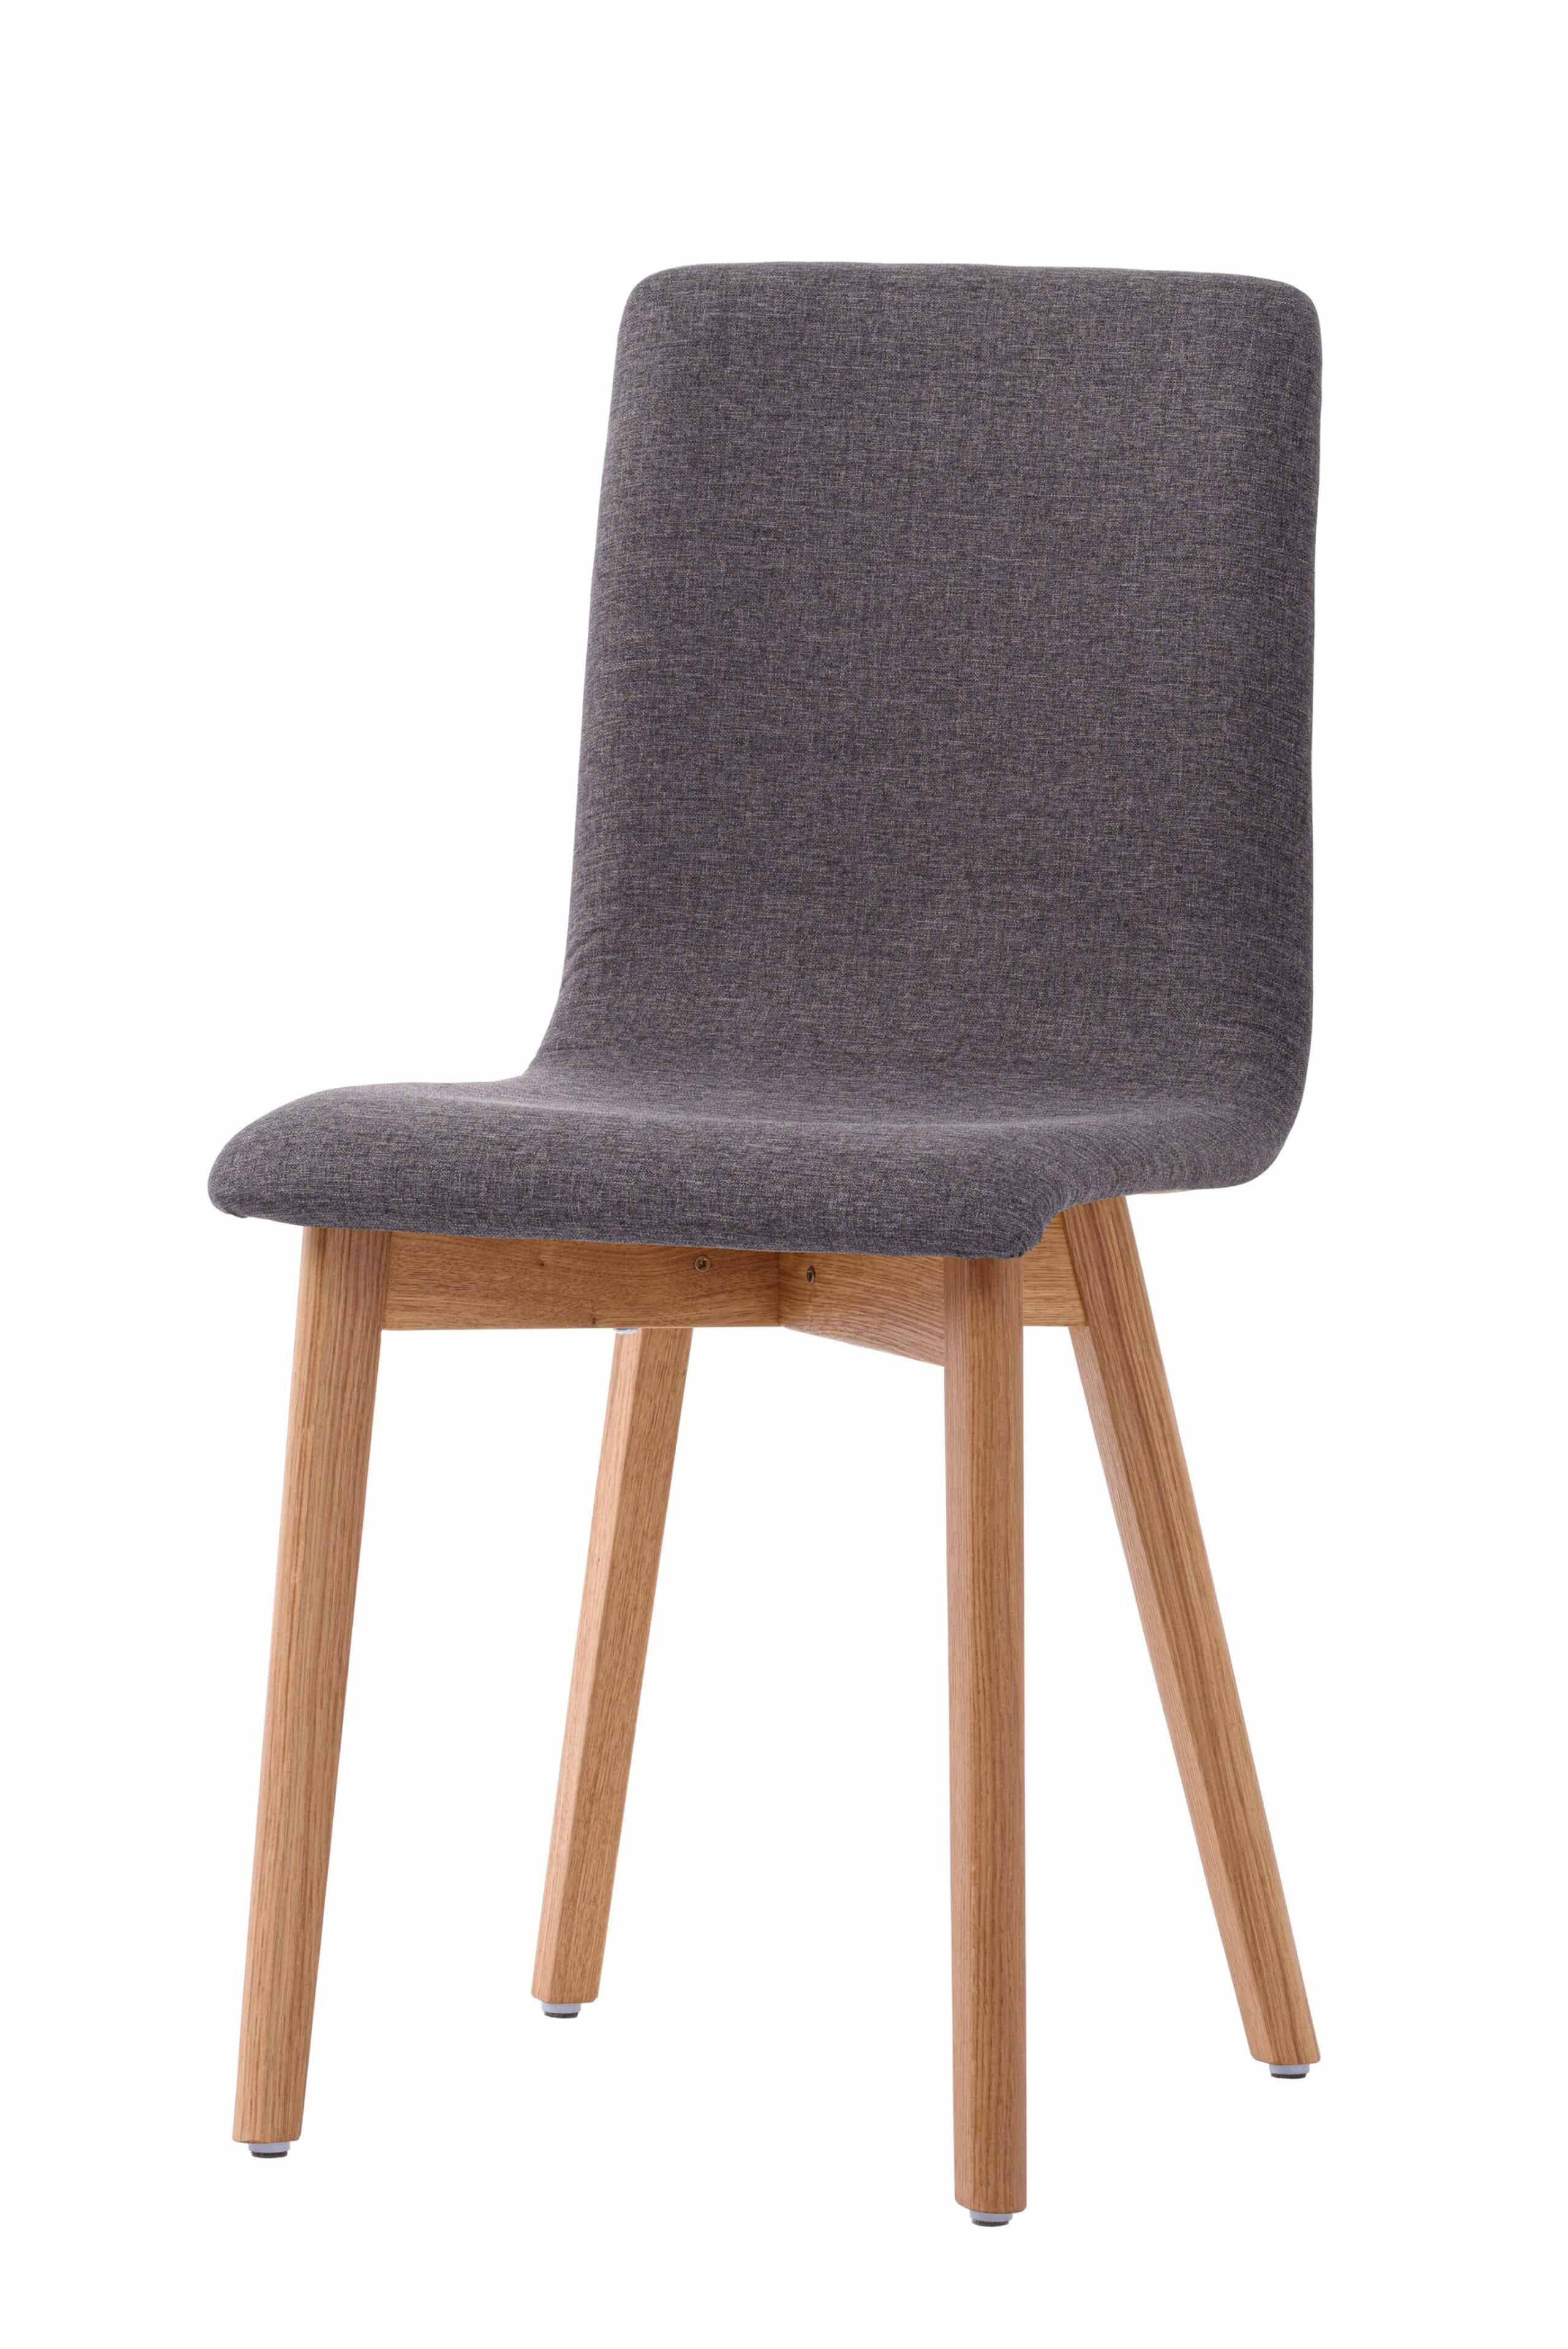 Dubová jedálenská stolička Doris W